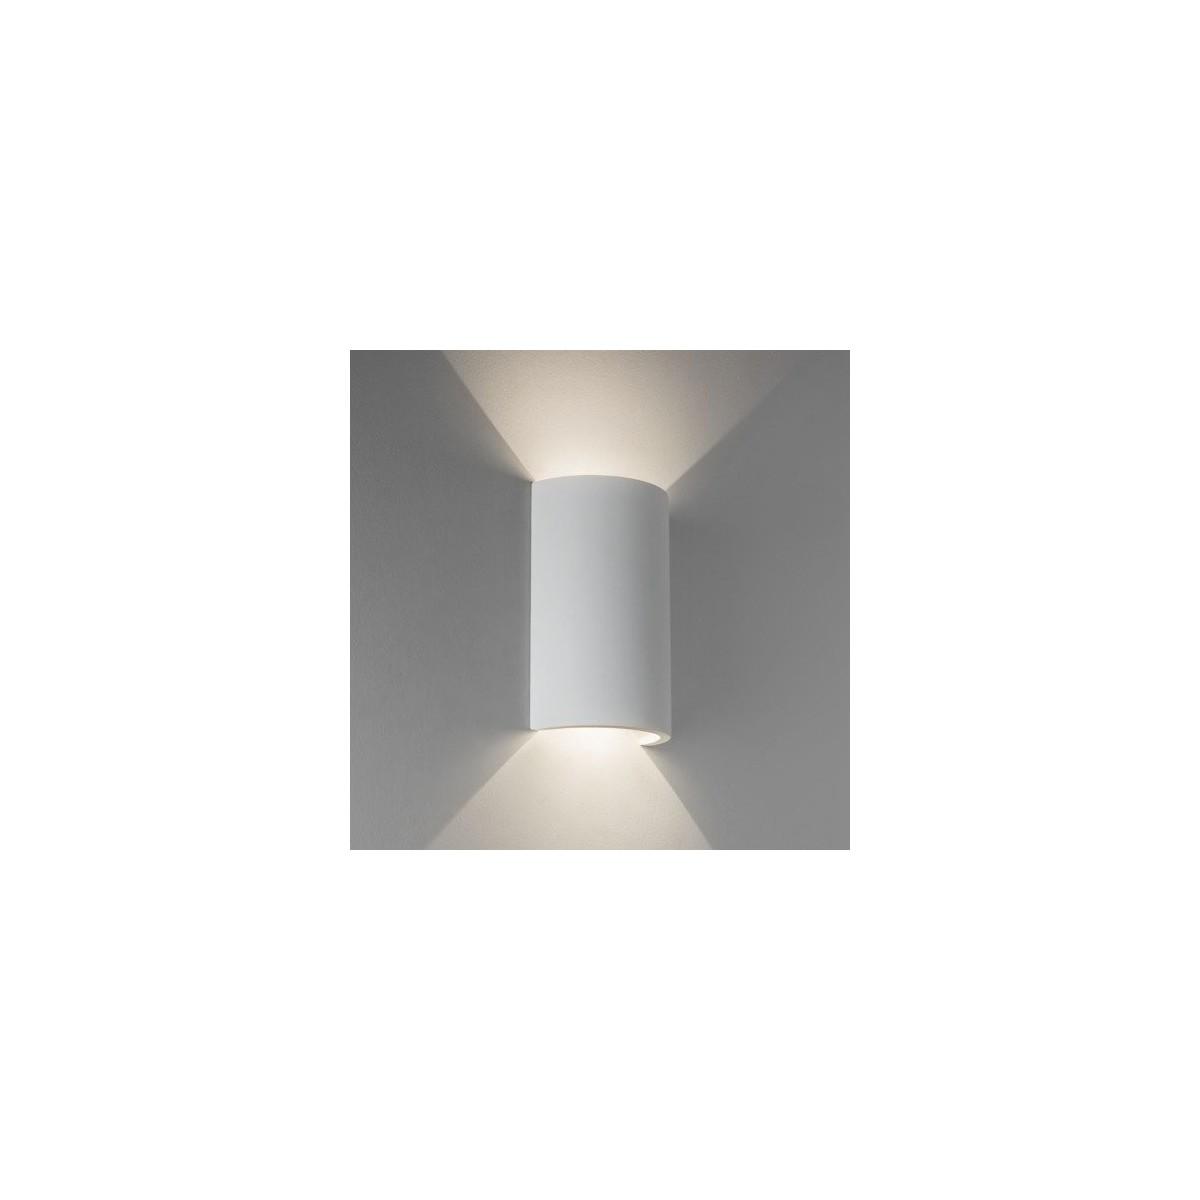 Astro Serifos 170 LED Ścienna 6.3W LED Gips 1350001